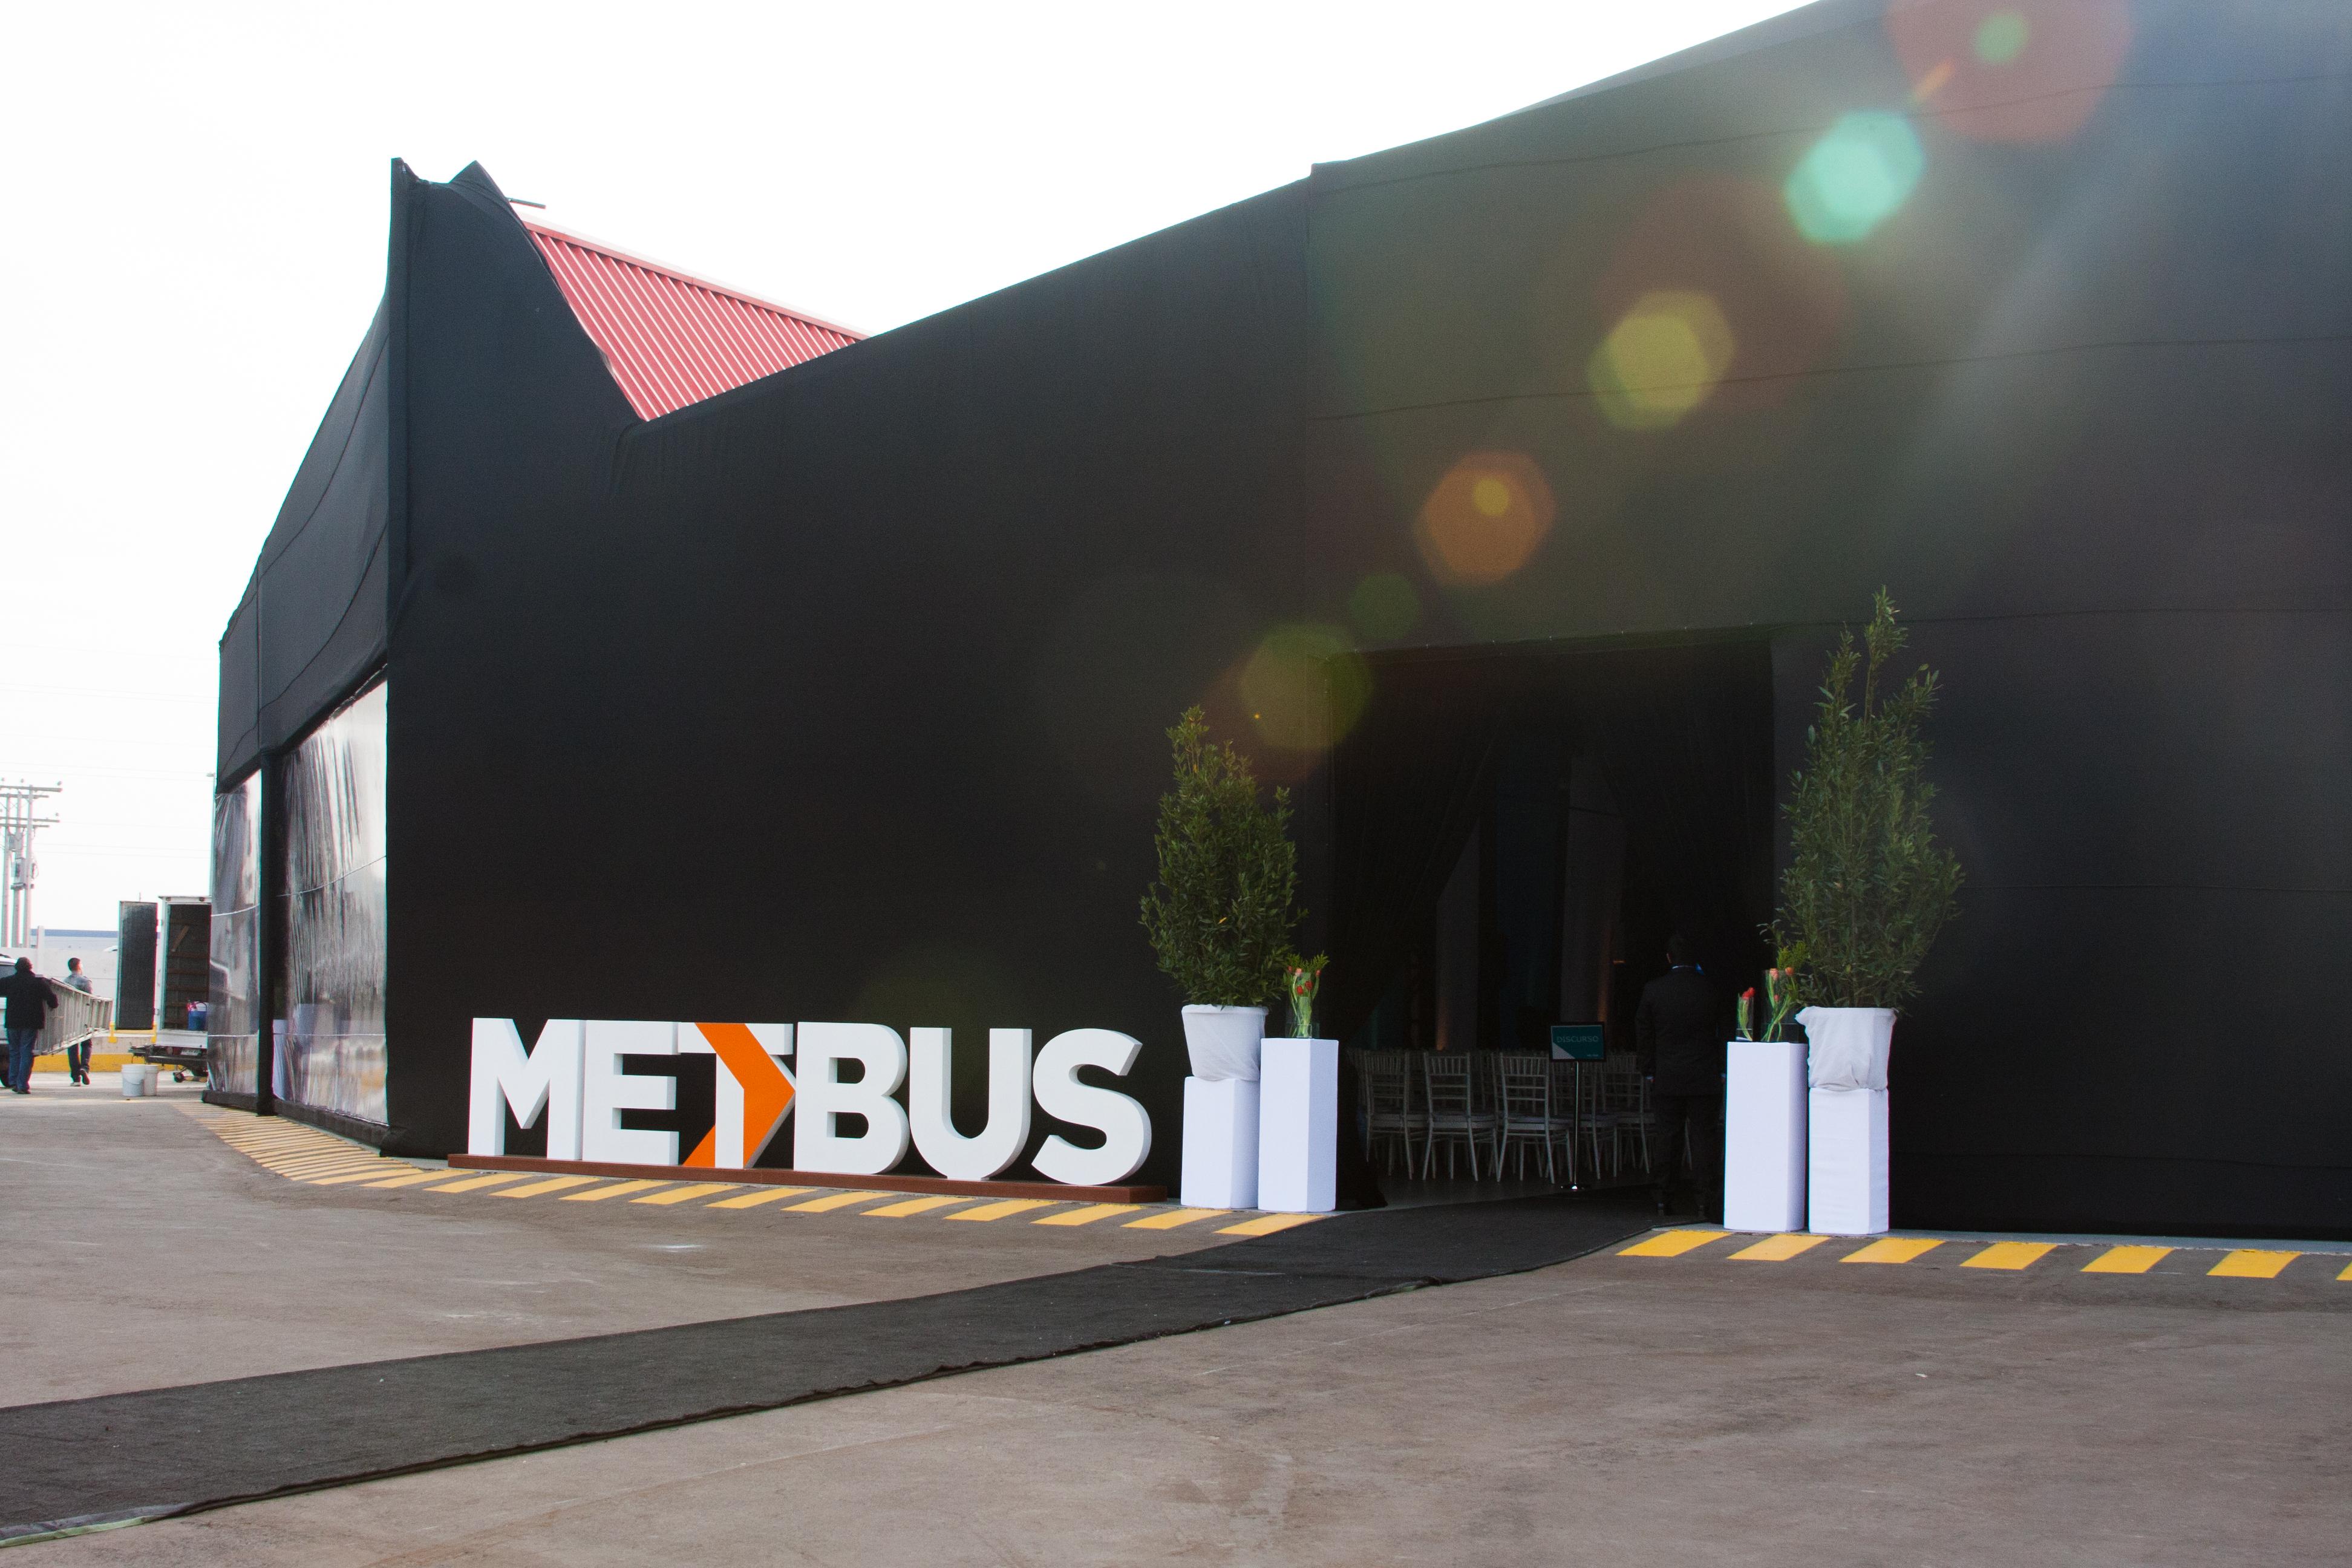 Metbus